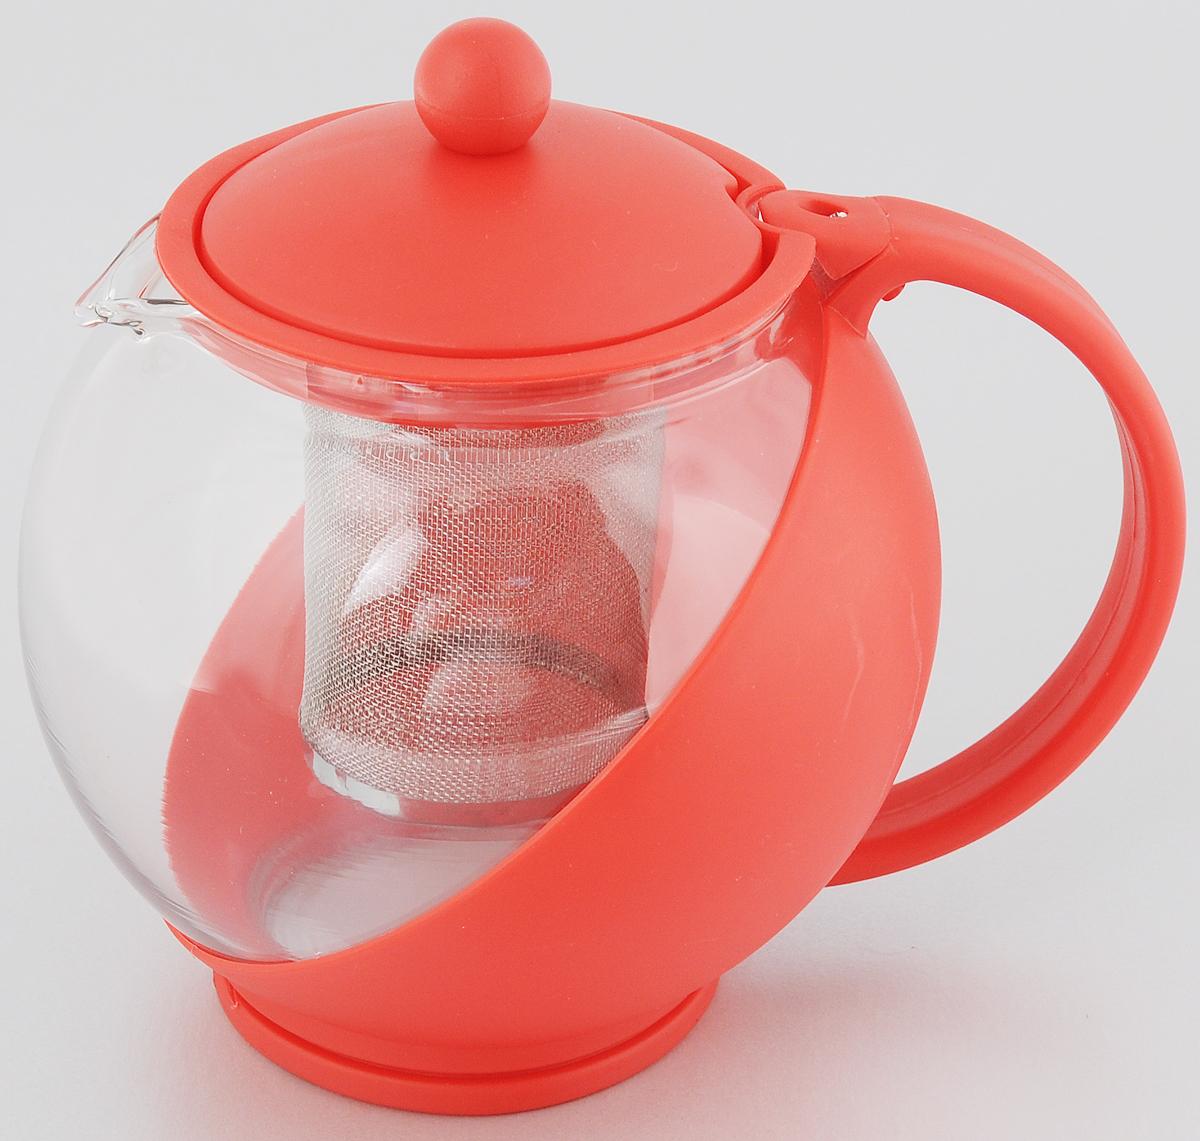 Чайник заварочный Bekker Koch, с фильтром, цвет: красный, 1,25 л54 009312Заварочный чайник Bekker Koch изготовлен из высококачественного пластика и жаропрочного стекла. Чайник имеет металлический фильтр.Чайник оснащен удобной пластиковой ручкой.В нем вы можете приготовить вкусный и ароматный чай. Заварочный чайник Bekker Koch займет достойное место на вашей кухне.Объем: 1,25 л.Высота чайника (без учета крышки): 14 см.Диаметр (по верхнему краю): 9,5 см.